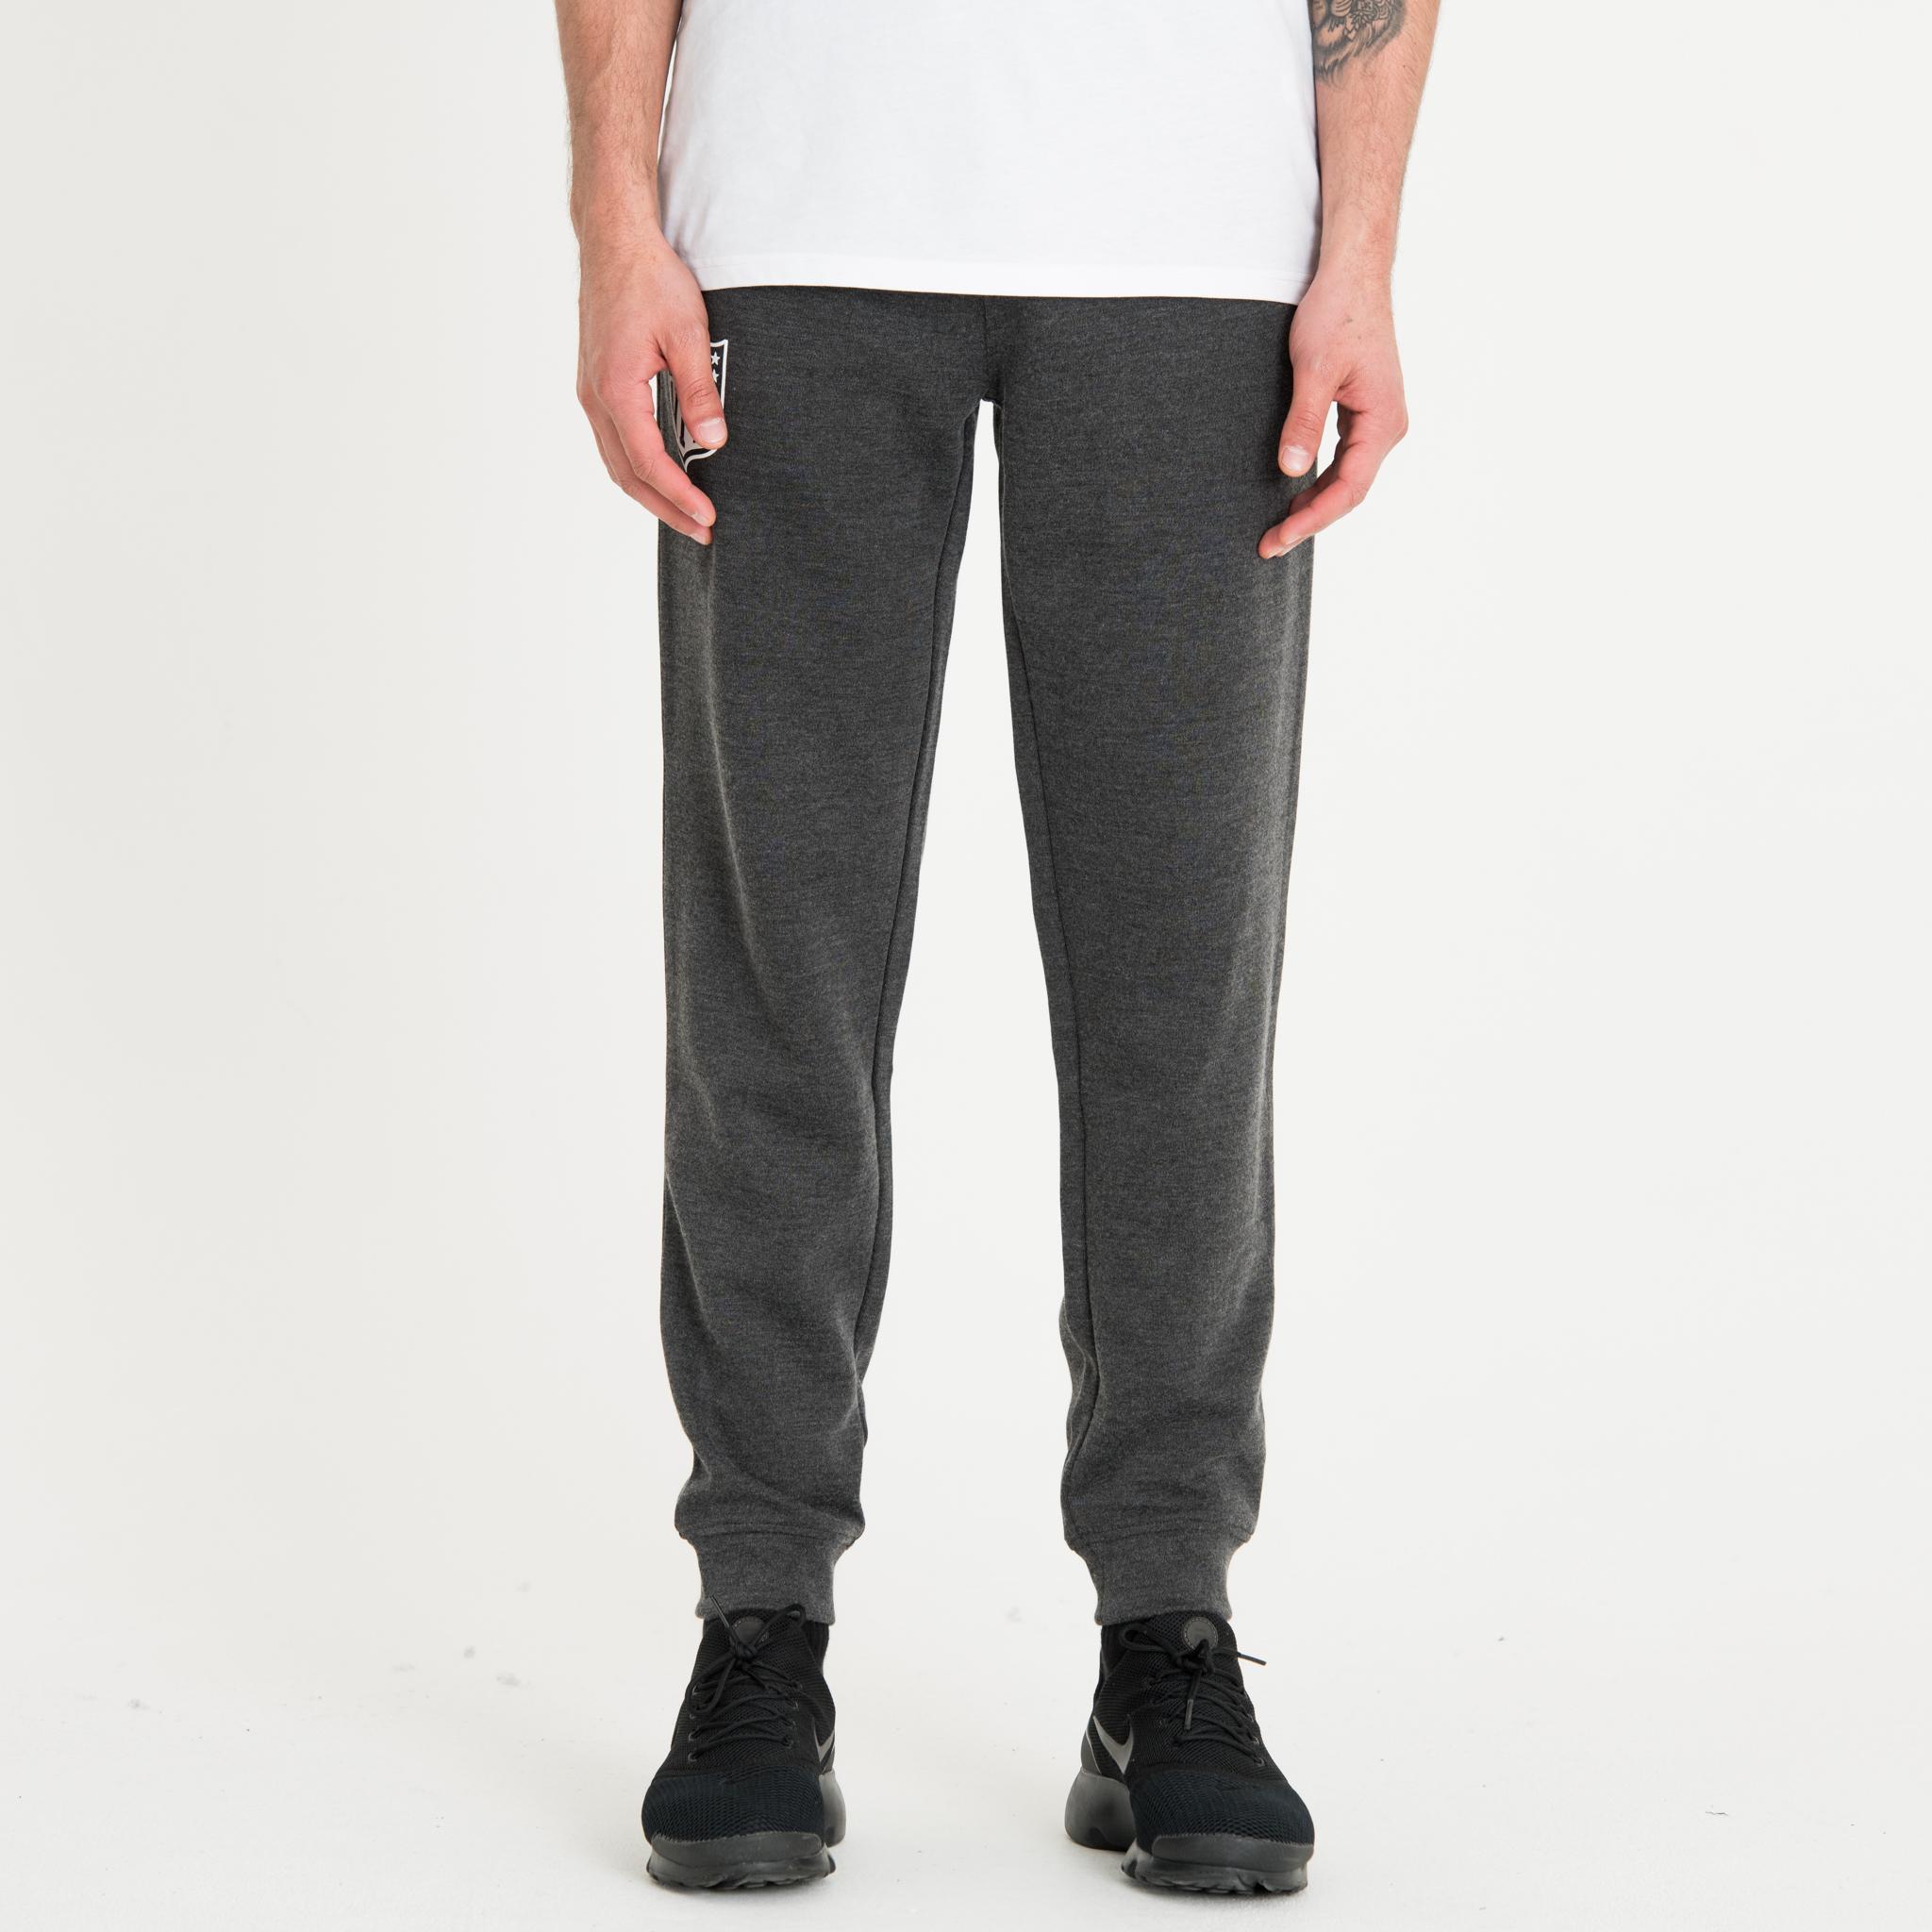 Pantalon de jogging gris avec logo de la NFL